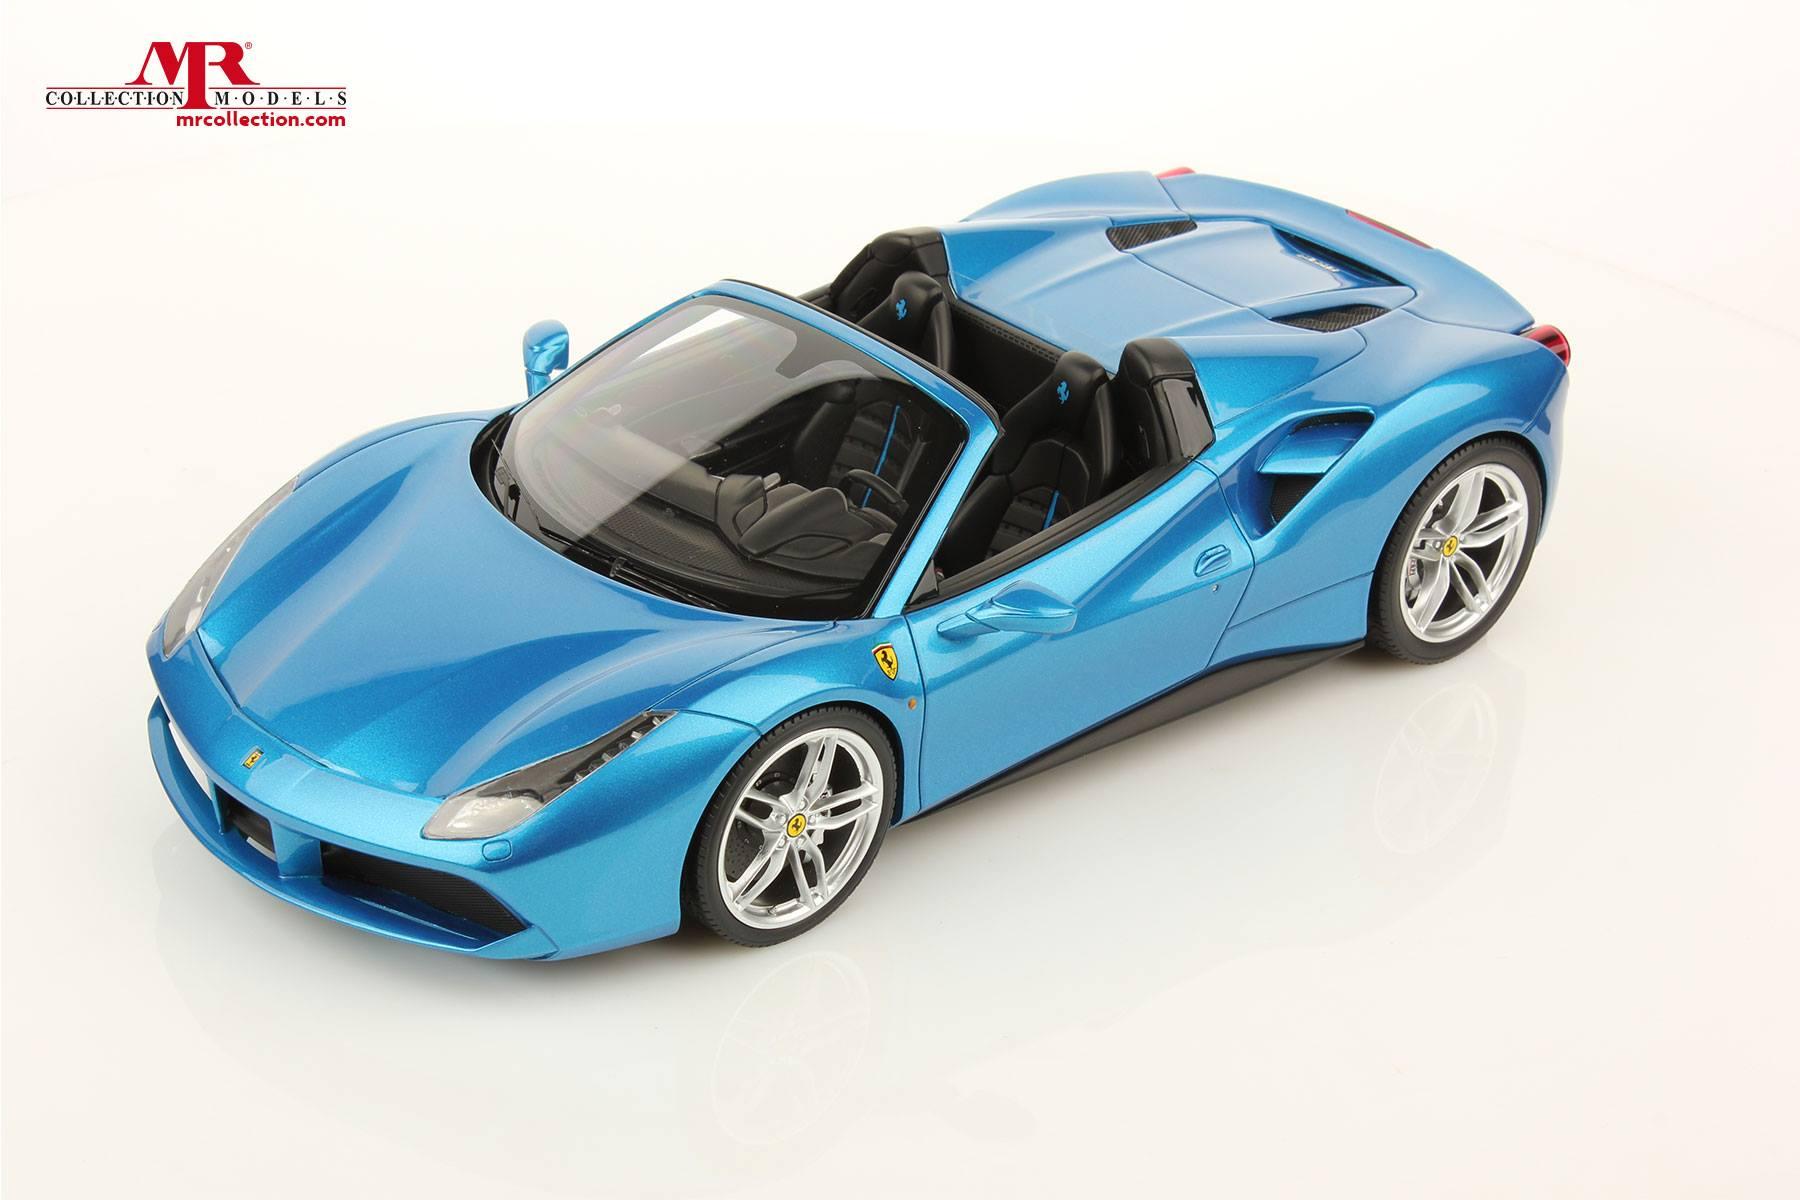 Ferrari 488 Spider 1 18 Scale Model Comes With The Appropriate Color Autoevolution